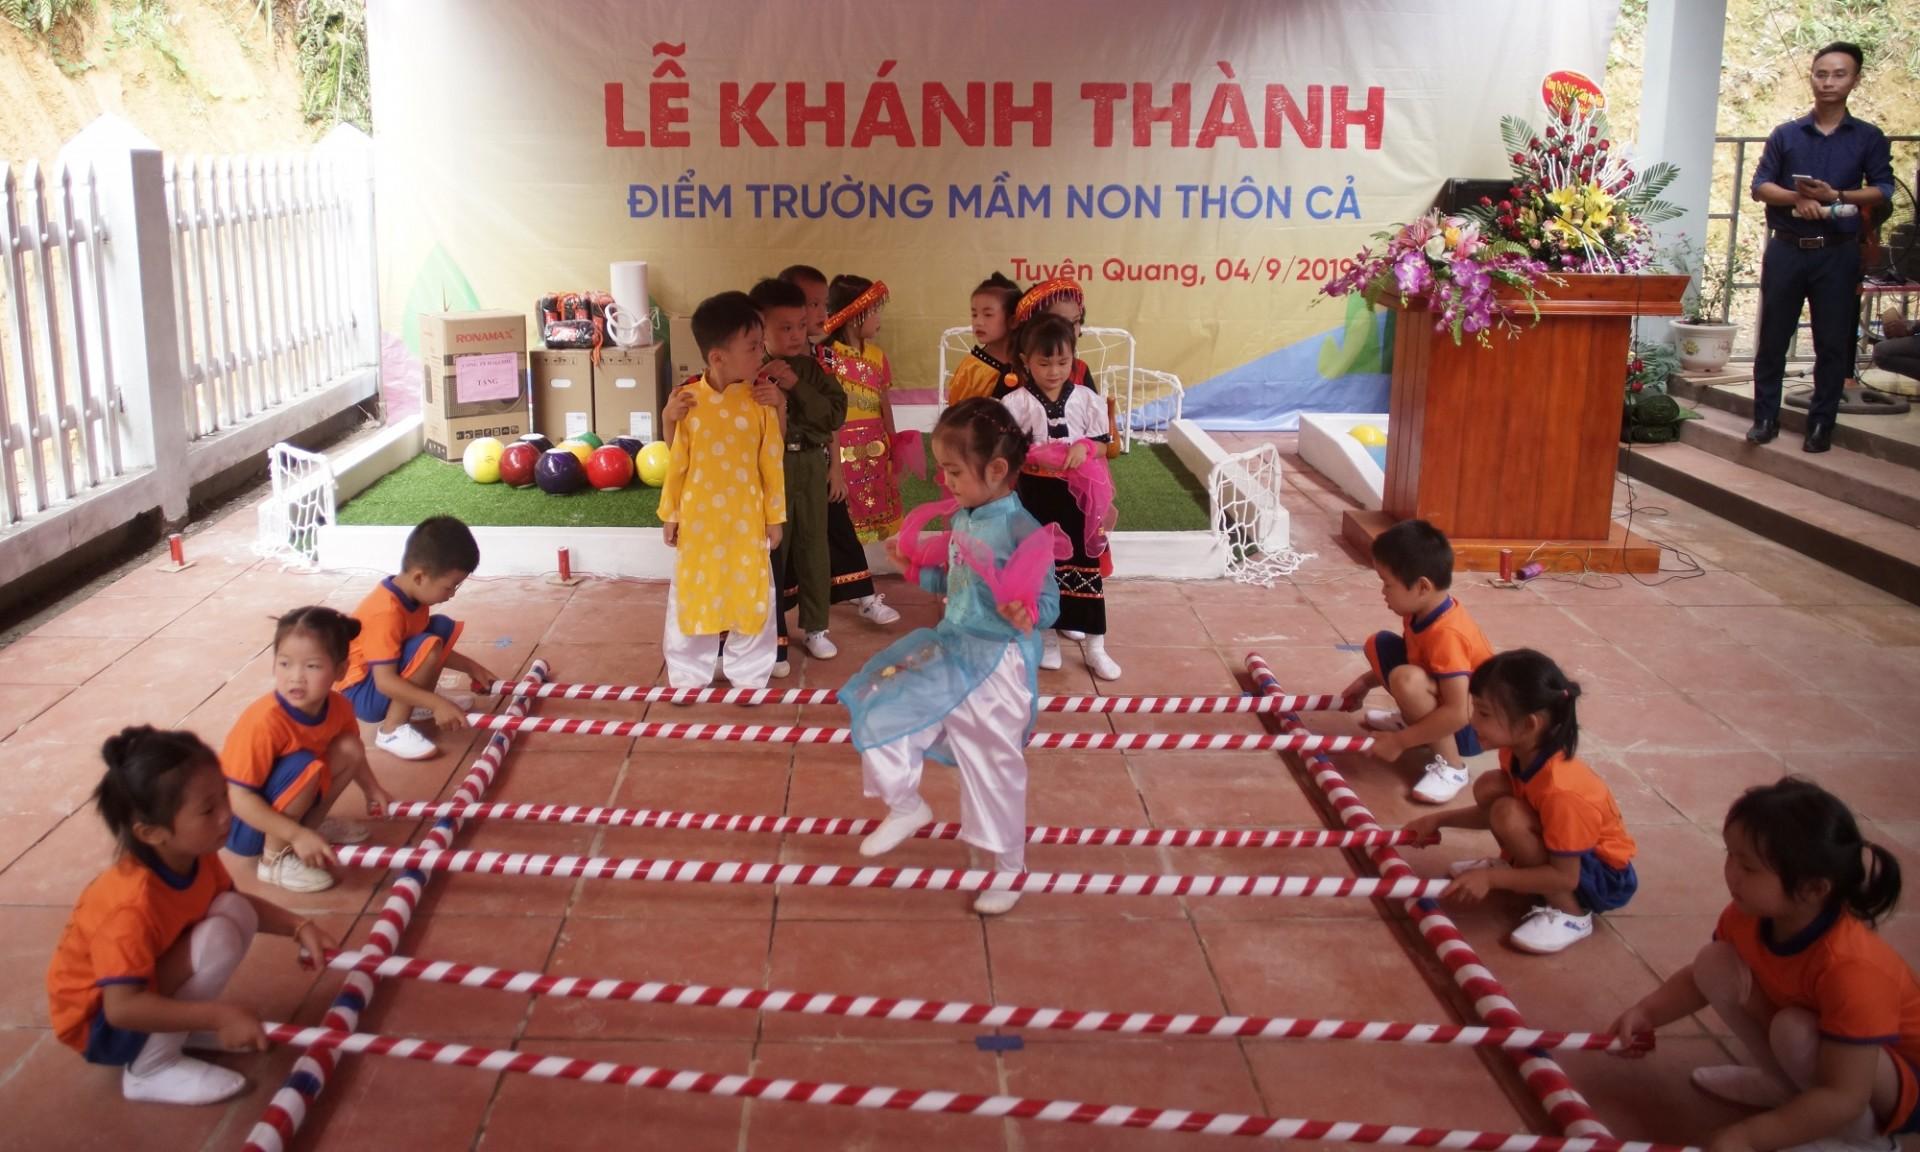 Điểm trường mầm non thôn Cả, xã Công Đa, Tuyên Quang